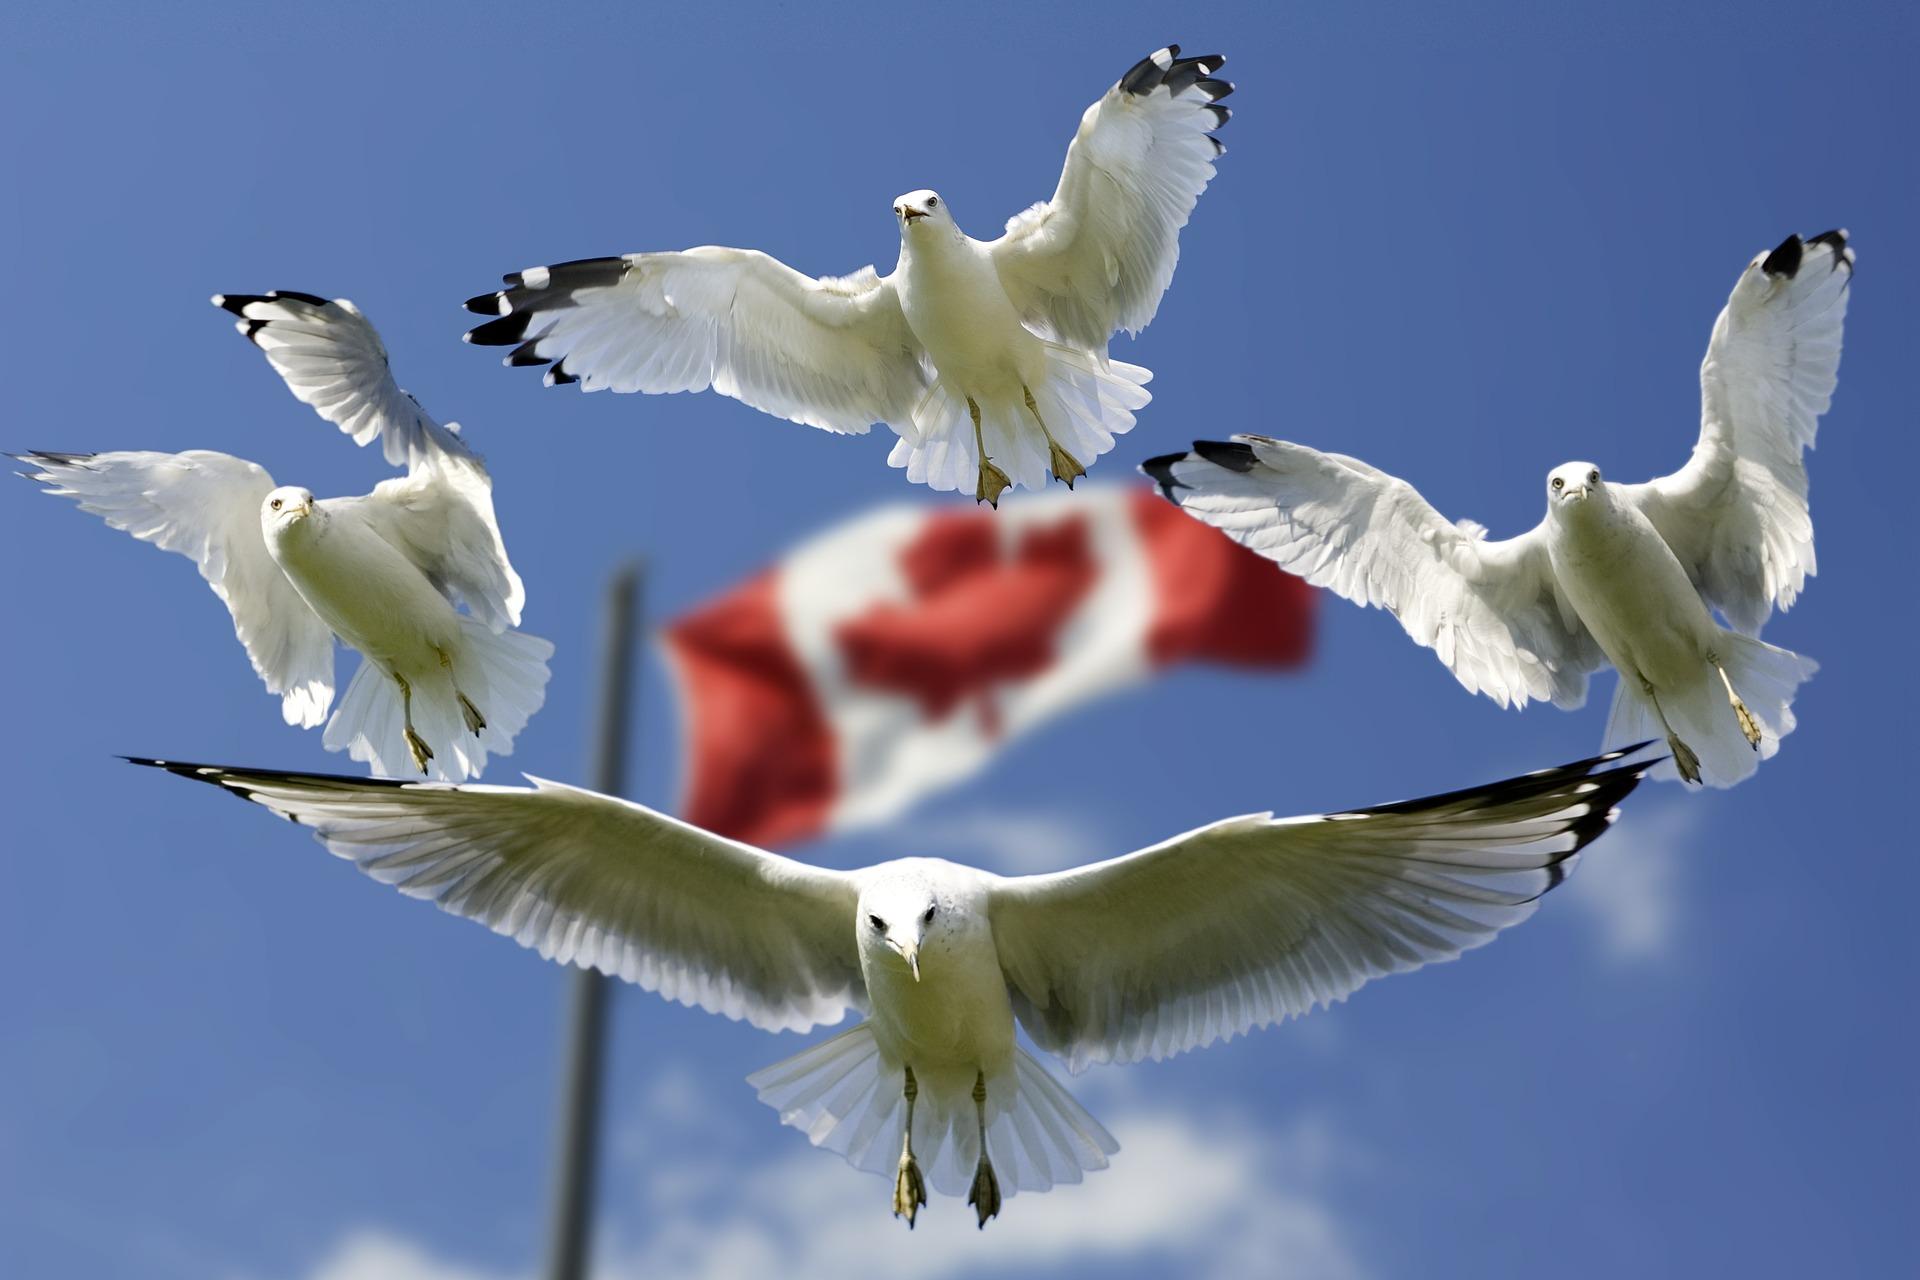 予断を許さないカナダ、中国の外交関係